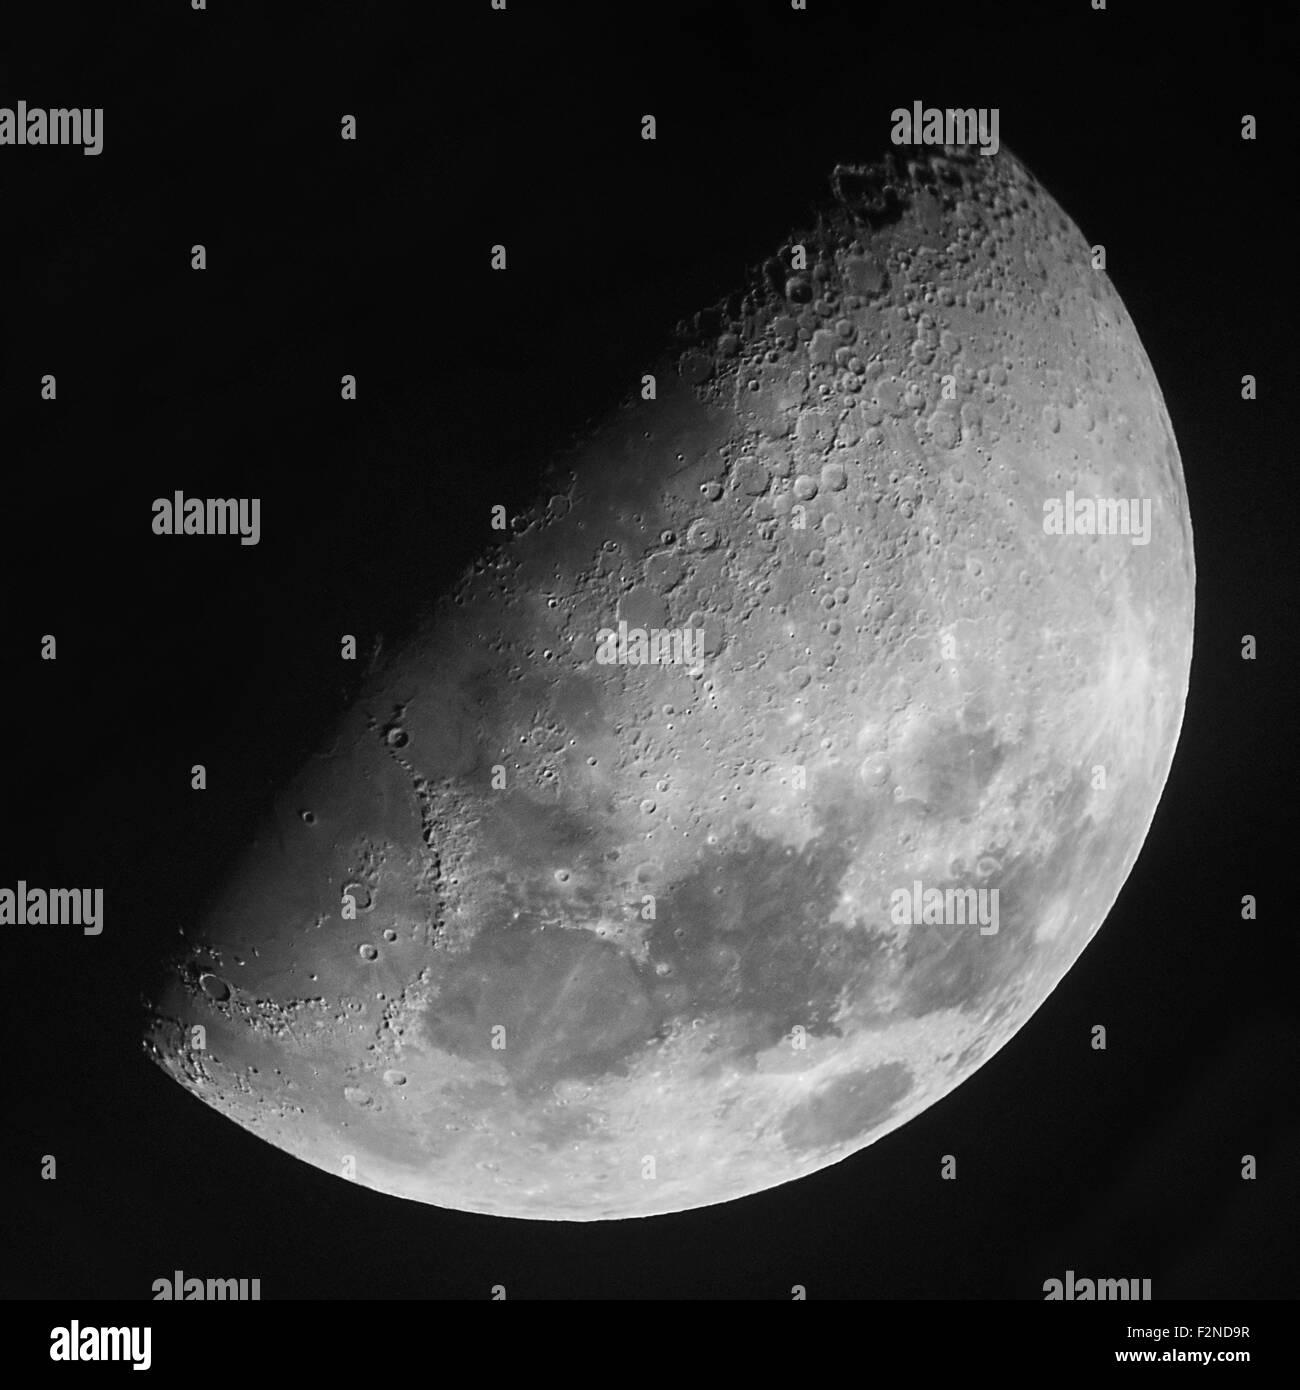 Aktuelle Fotografie ein Halbmond im Primärfokus durch ein 5-Zoll / 127mm Maksutov-Cassegrain katadioptrischen Stockbild